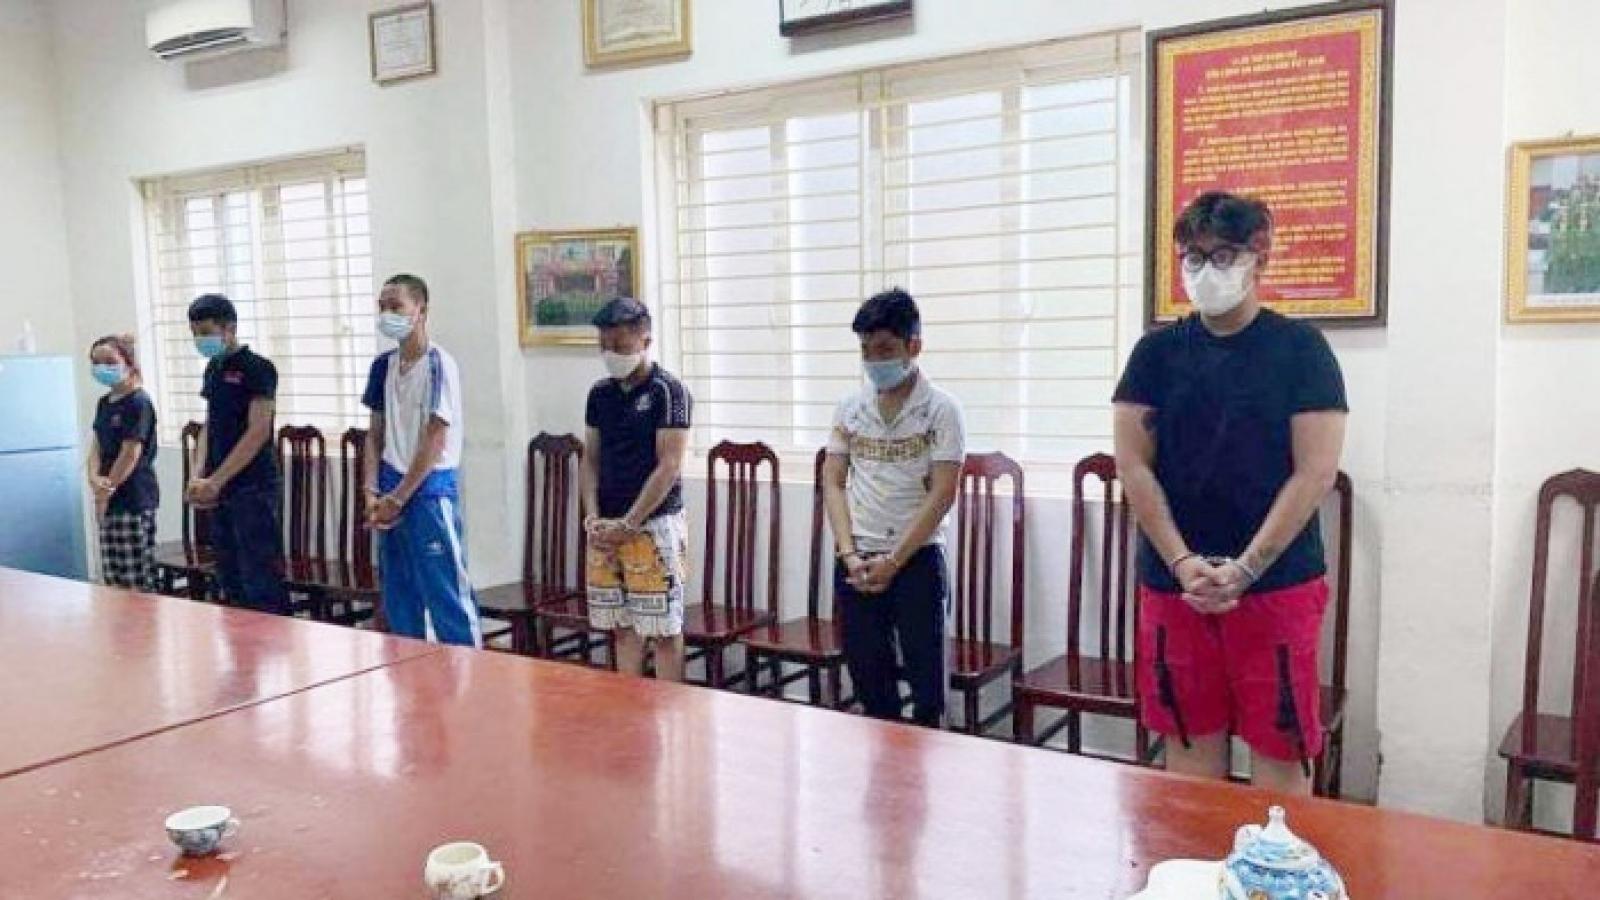 Bắt thêm một đối tượng nữ trong vụ cướp xe máy của nữ lao công ở Hà Nội